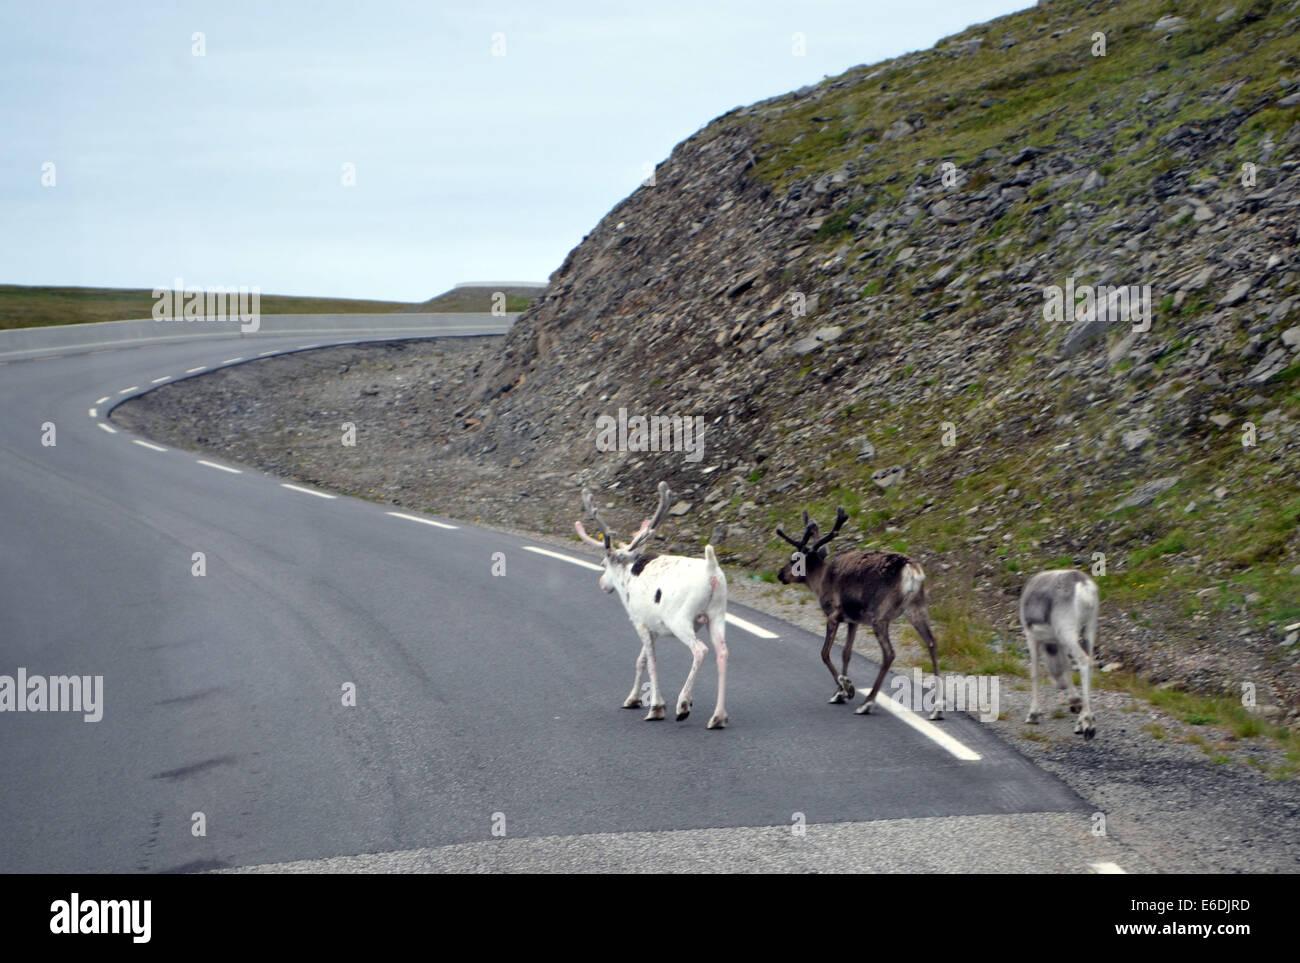 Cervi sono il solo ad essere visto sulla strada a Nord Kapp (polo nord). Spesso il roaming selvaggiamente, unaccountably, Immagini Stock